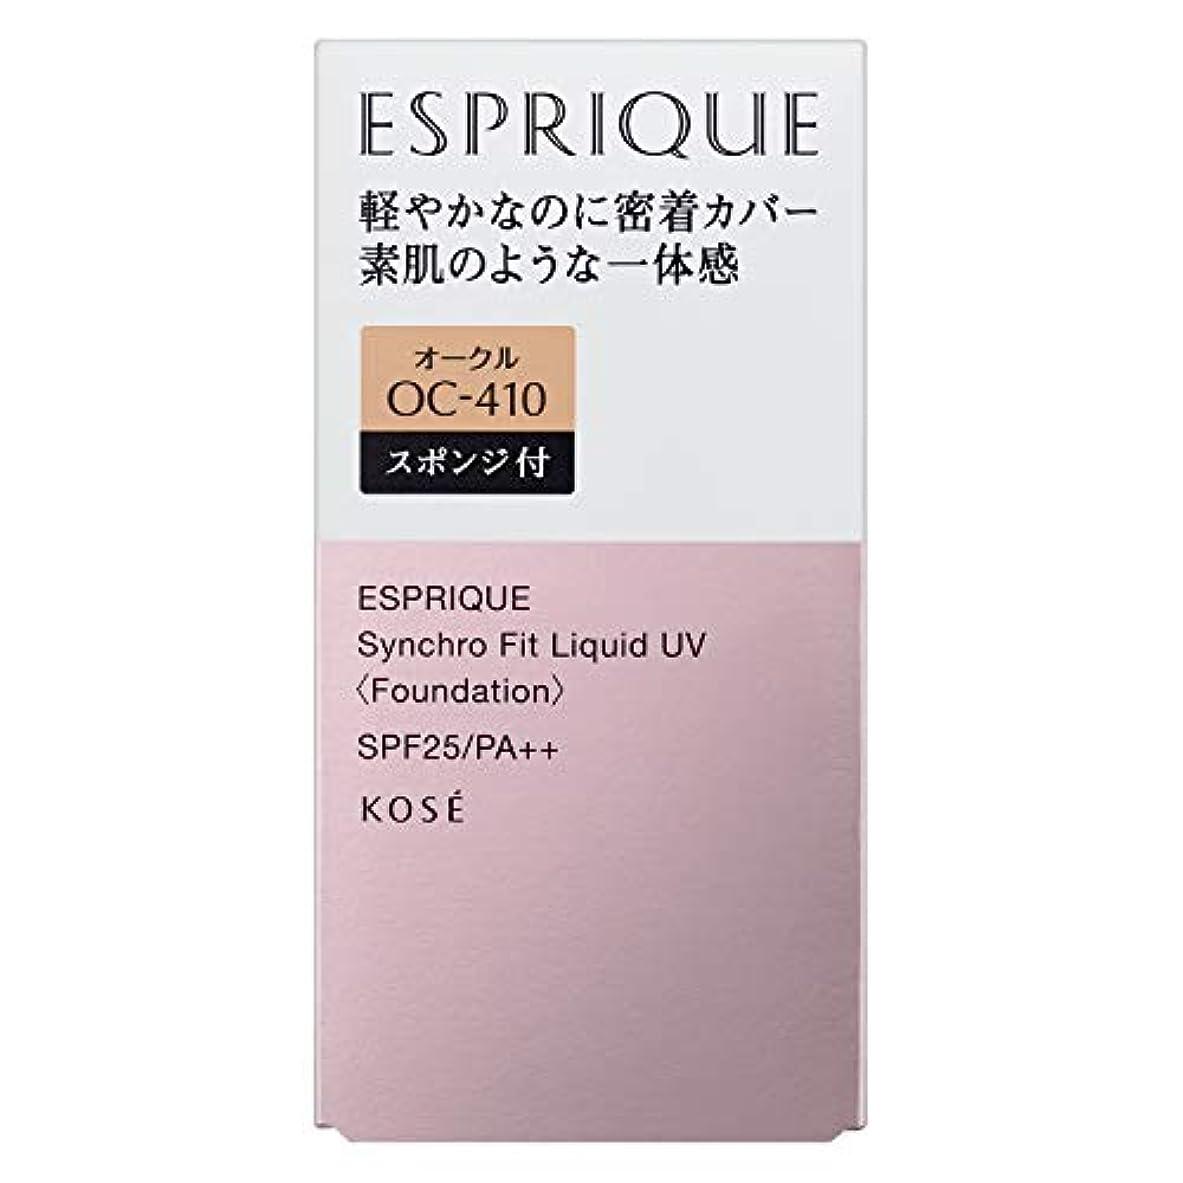 ジャングルデコラティブ深遠ESPRIQUE(エスプリーク) エスプリーク シンクロフィット リキッド UV ファンデーション 無香料 OC-410 オークル 30g